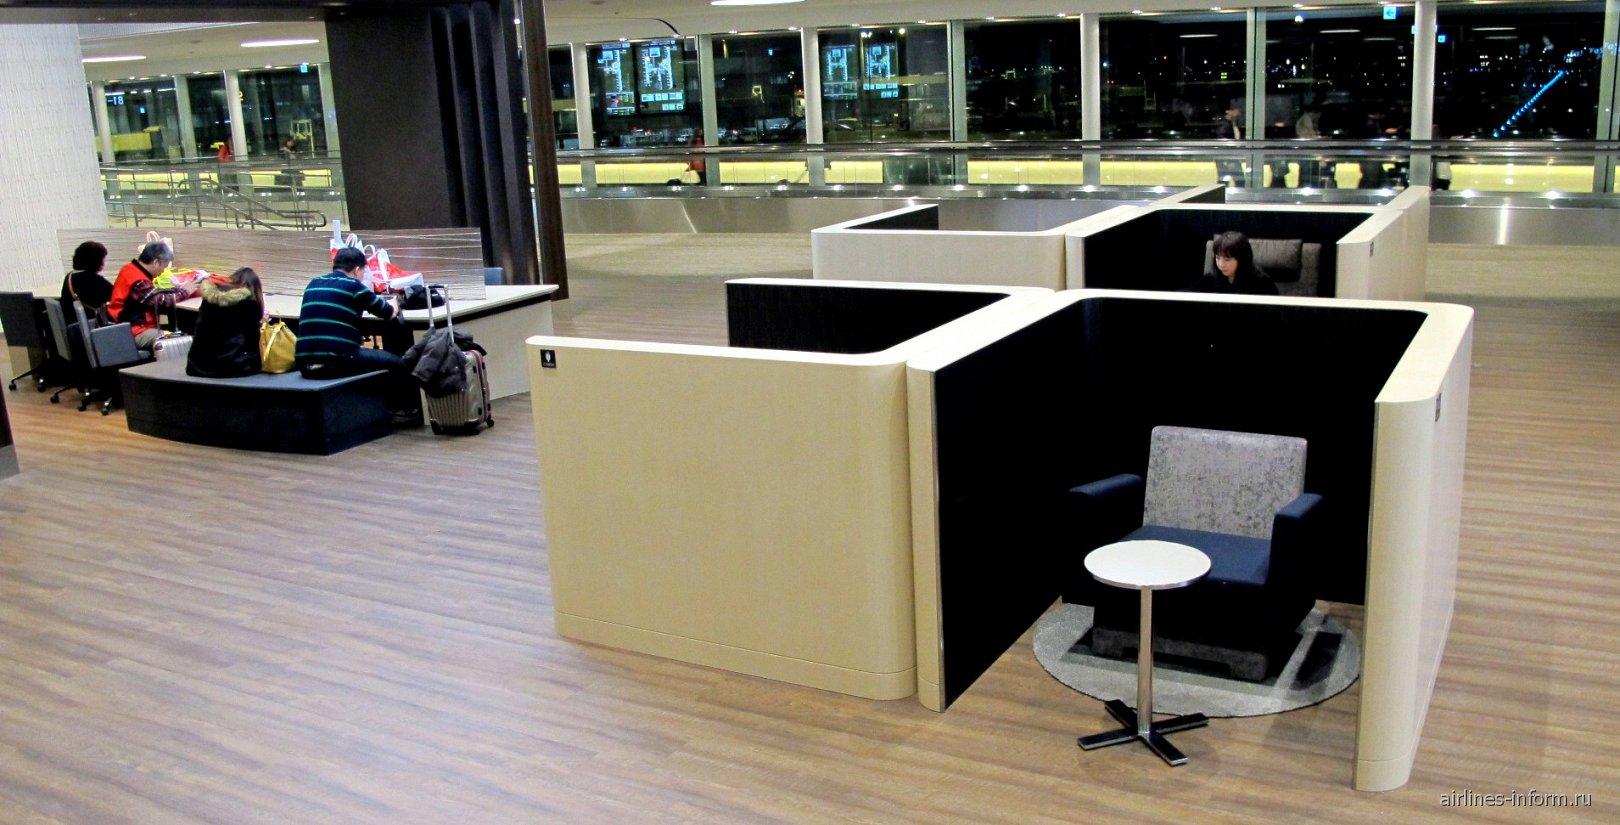 В зоне отдыха Narita Sky Lounge в терминале 2 аэропорта Токио Нарита